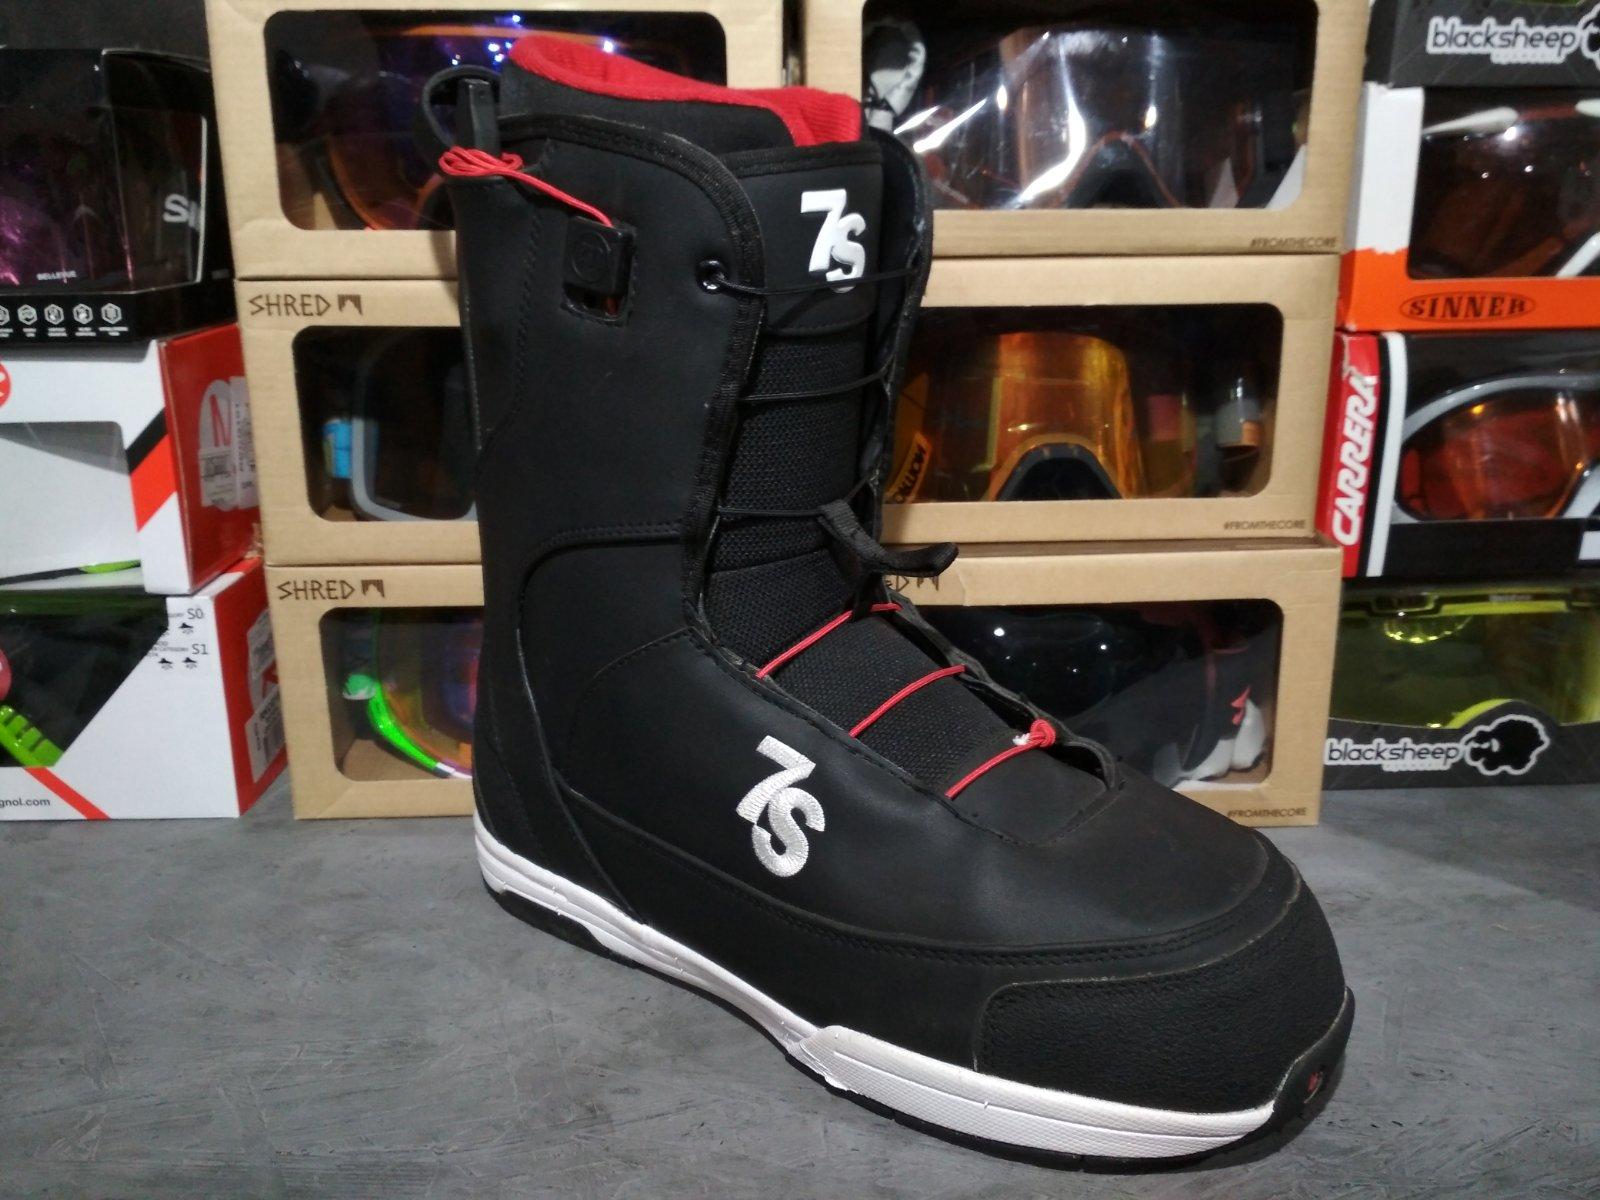 Ботинки сноубордические Seven Summits (7S)